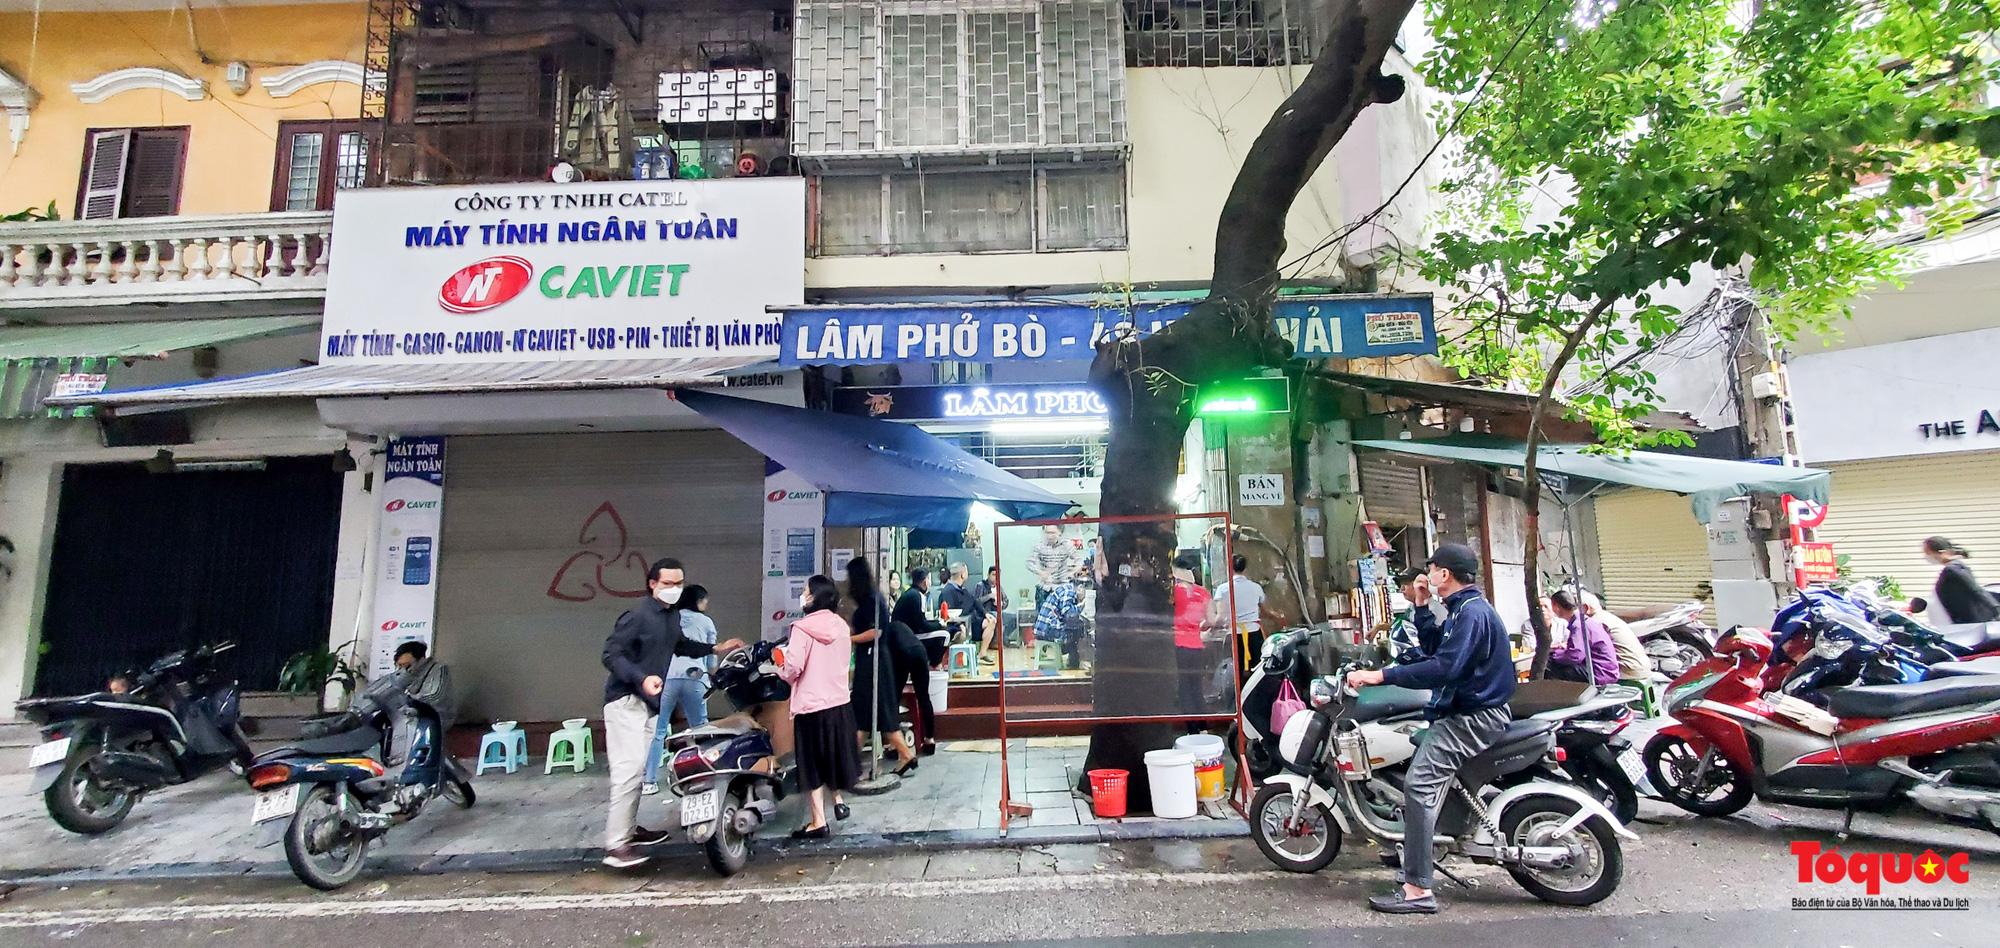 Người Hà Nội dạy sớm thưởng thức đặc sản thủ đô ngay khi hàng quán được bán hàng tại chỗ - Ảnh 1.